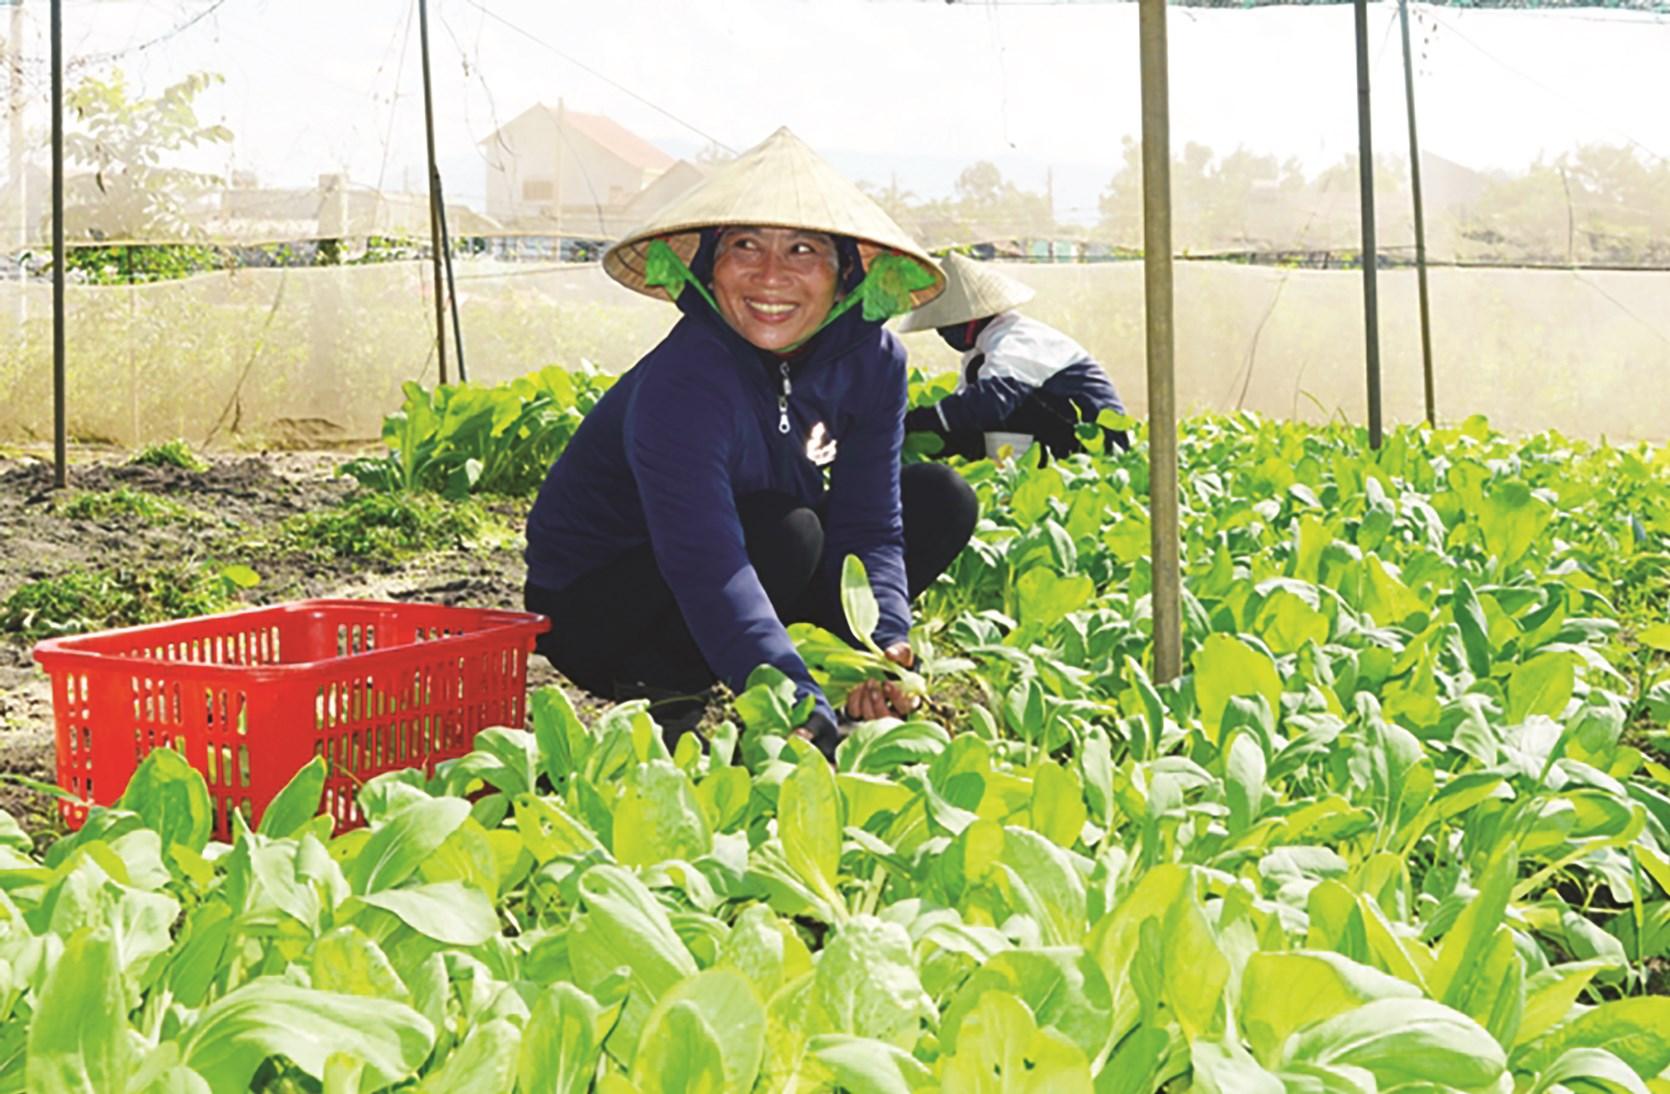 Mô hình trồng rau tham gia liên kết ở huyện Bố Trạch đang cho thu nhập cao